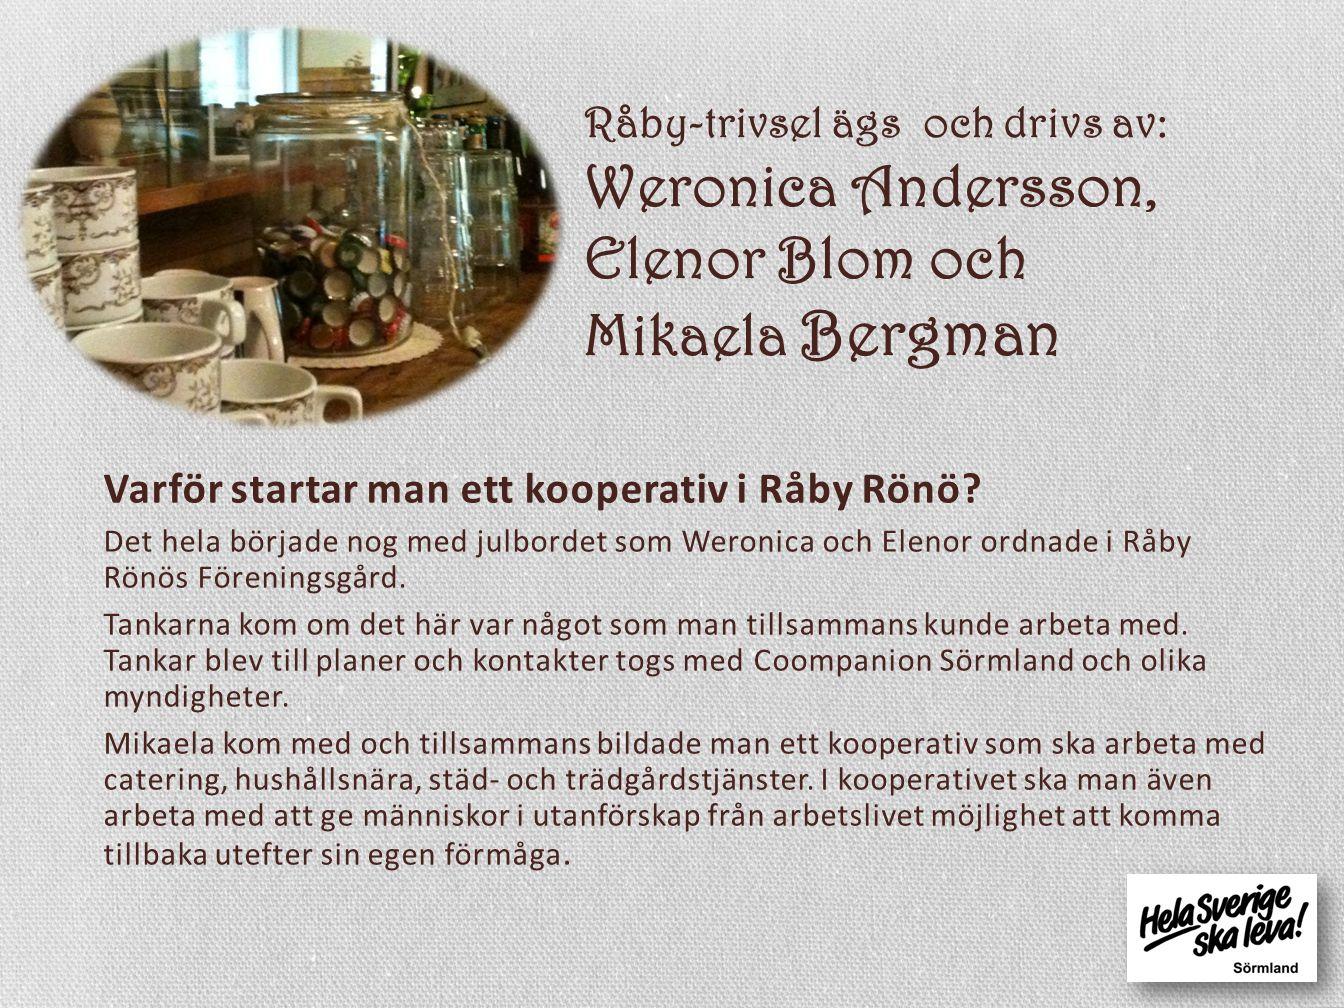 Råby-trivsel ägs och drivs av: Weronica Andersson, Elenor Blom och Mikaela Bergman Varför startar man ett kooperativ i Råby Rönö.